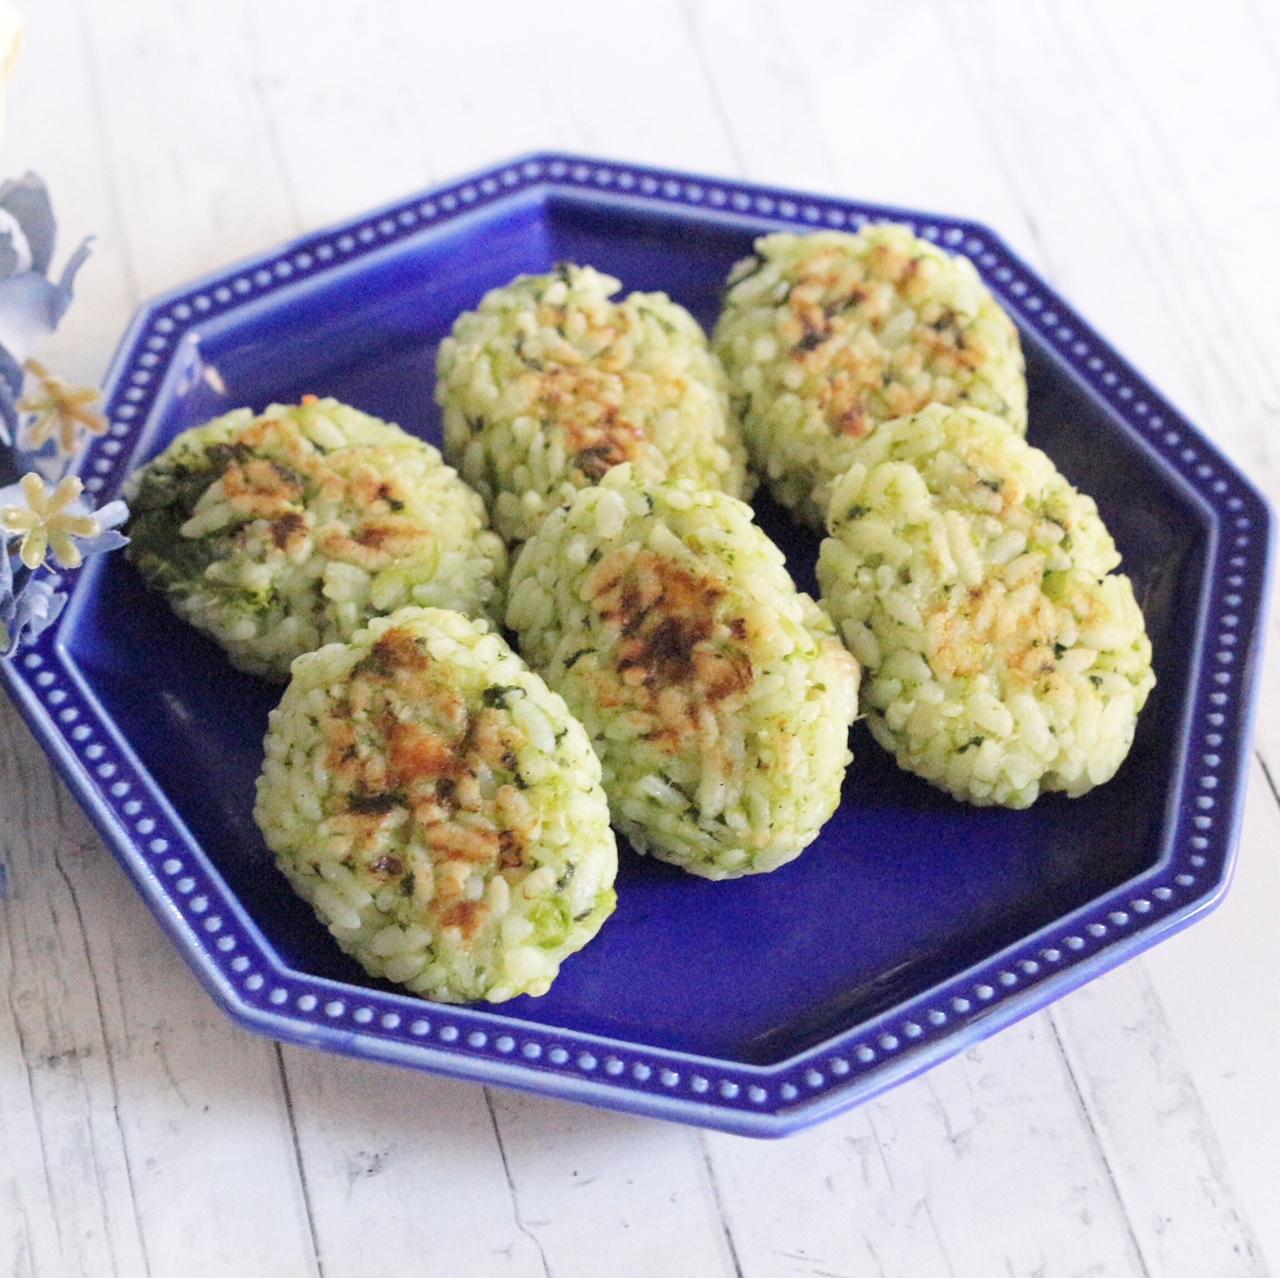 【離乳食完了期】菜の花とたいのおやき